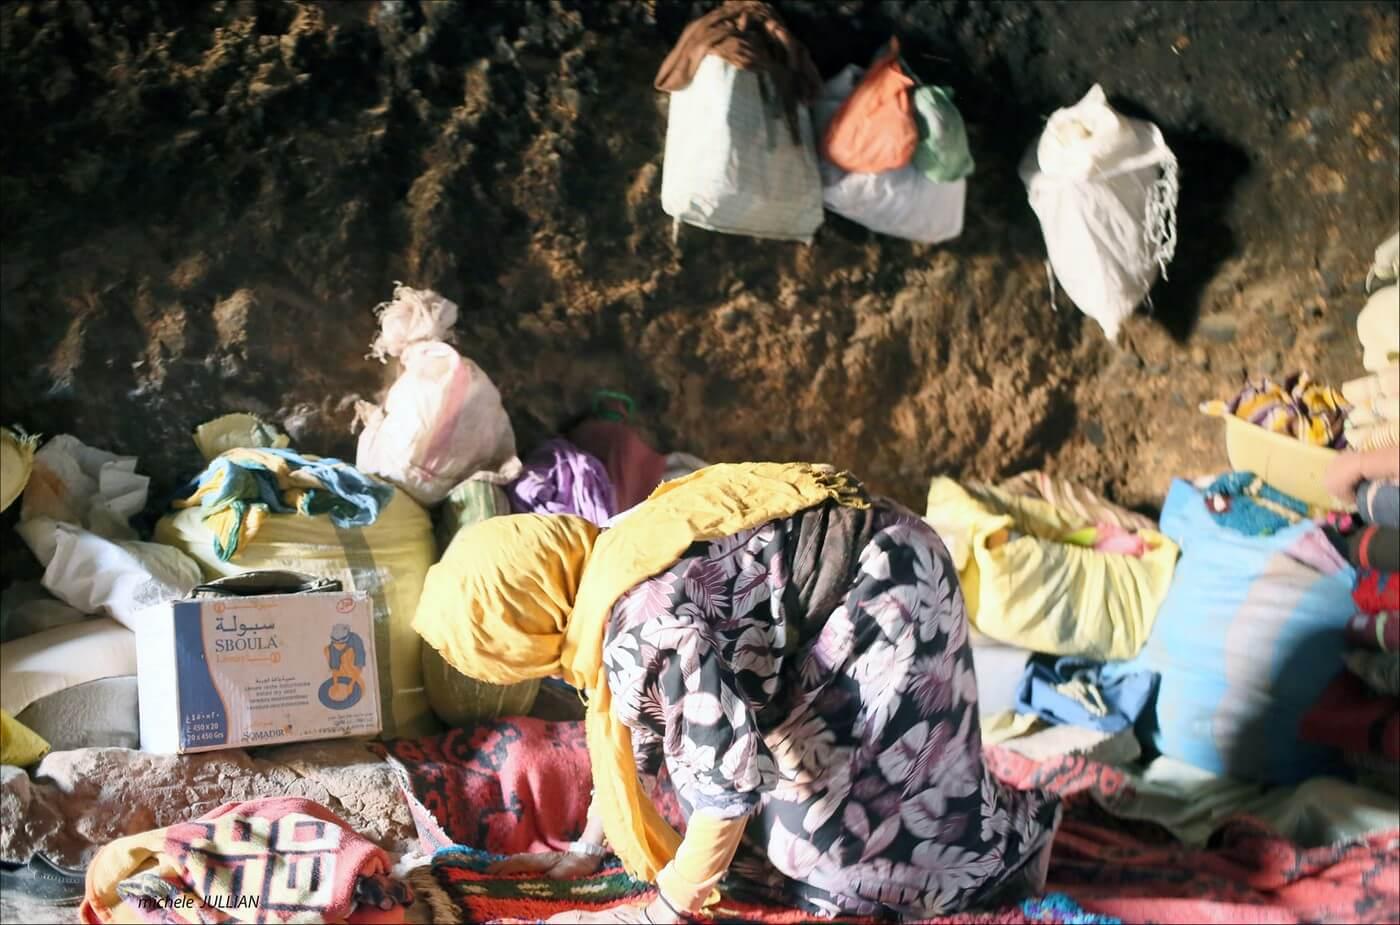 femme berbère vivant dans une grotte dans l'atlas marocain